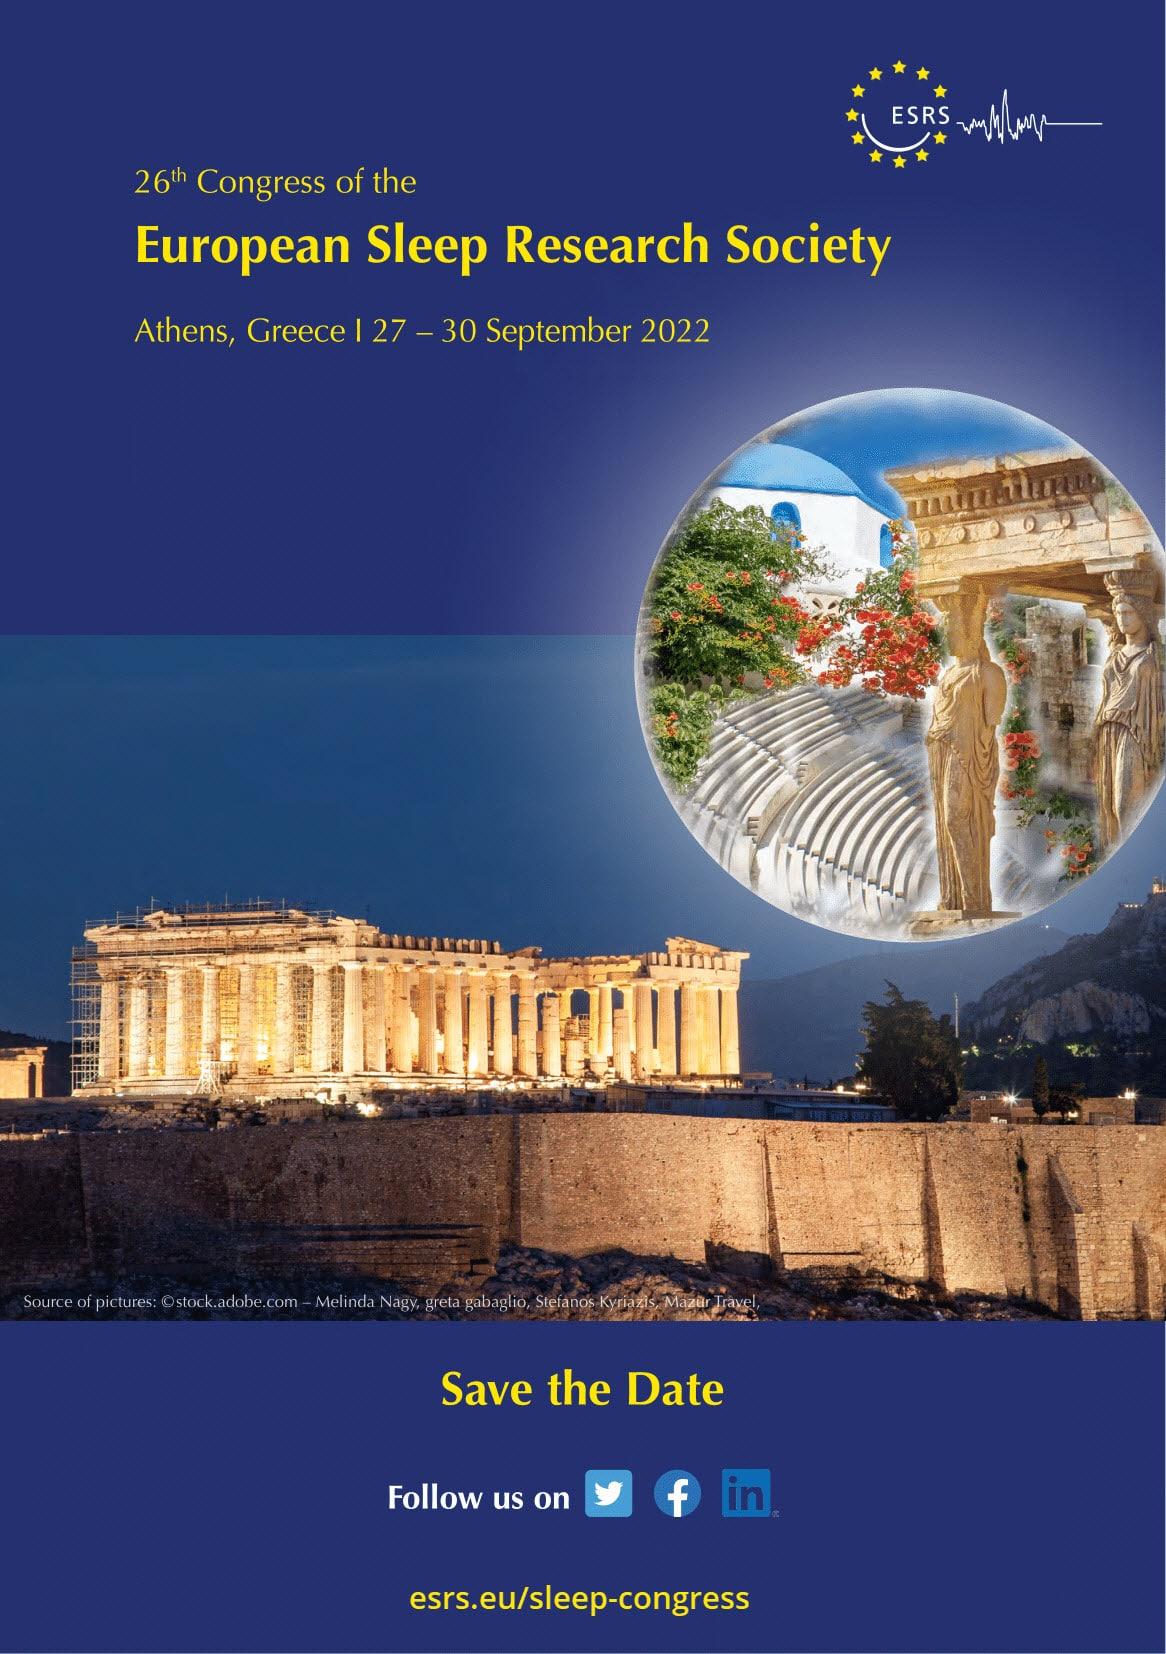 esrs sleep europe 2022 congress event poster